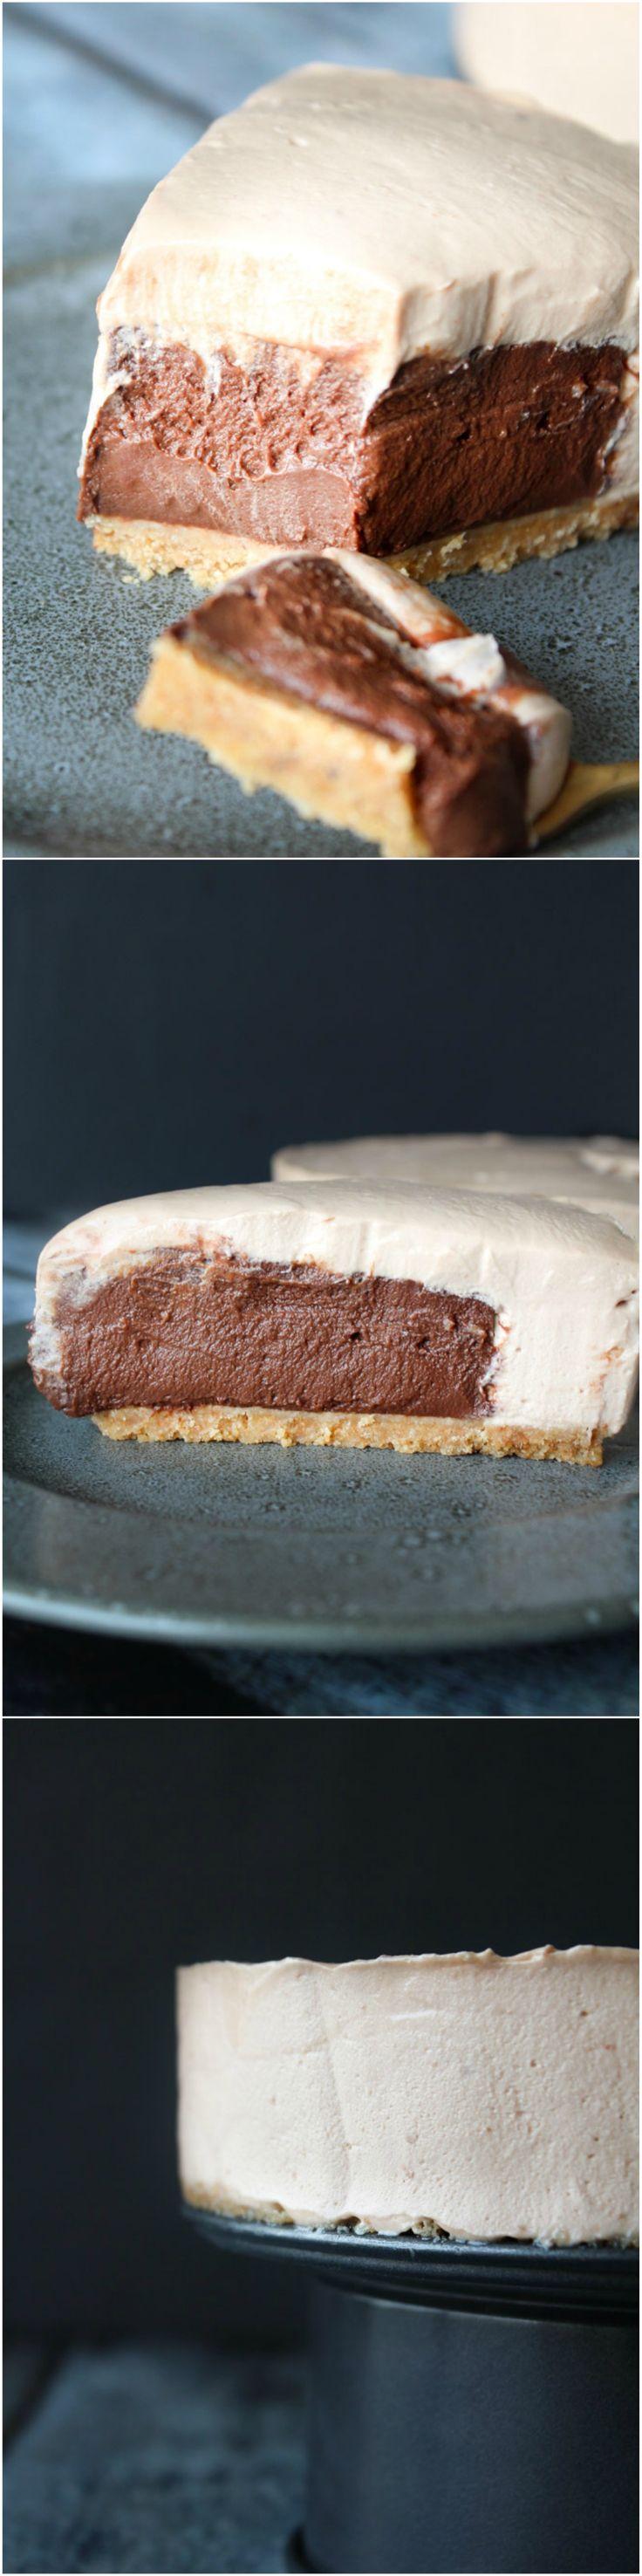 Homemade no bake chocolate cheesecake with homemade chocolate pudding - no bake dessert - chocolate recipe - dessert